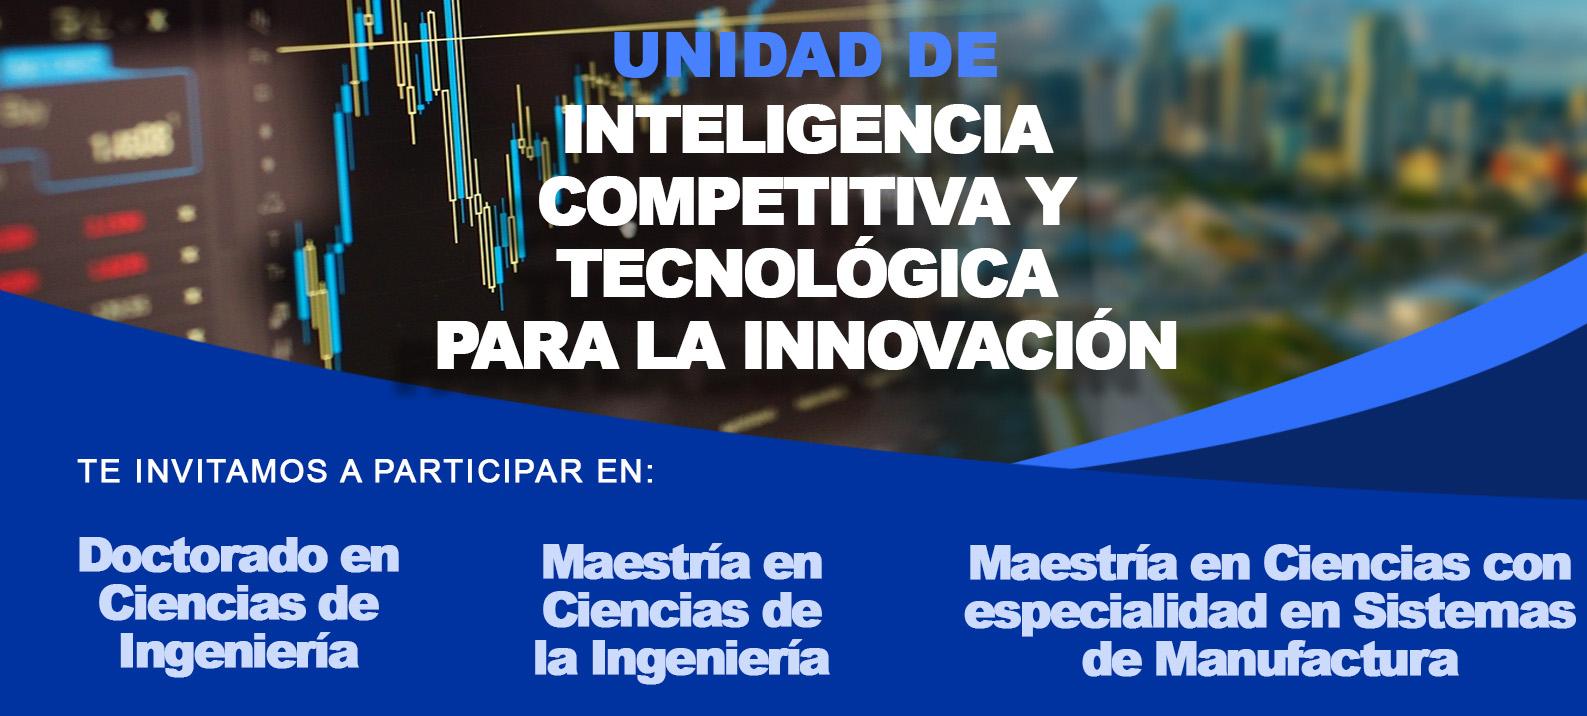 Unidad de Inteligencia Competitiva y Tecnológica